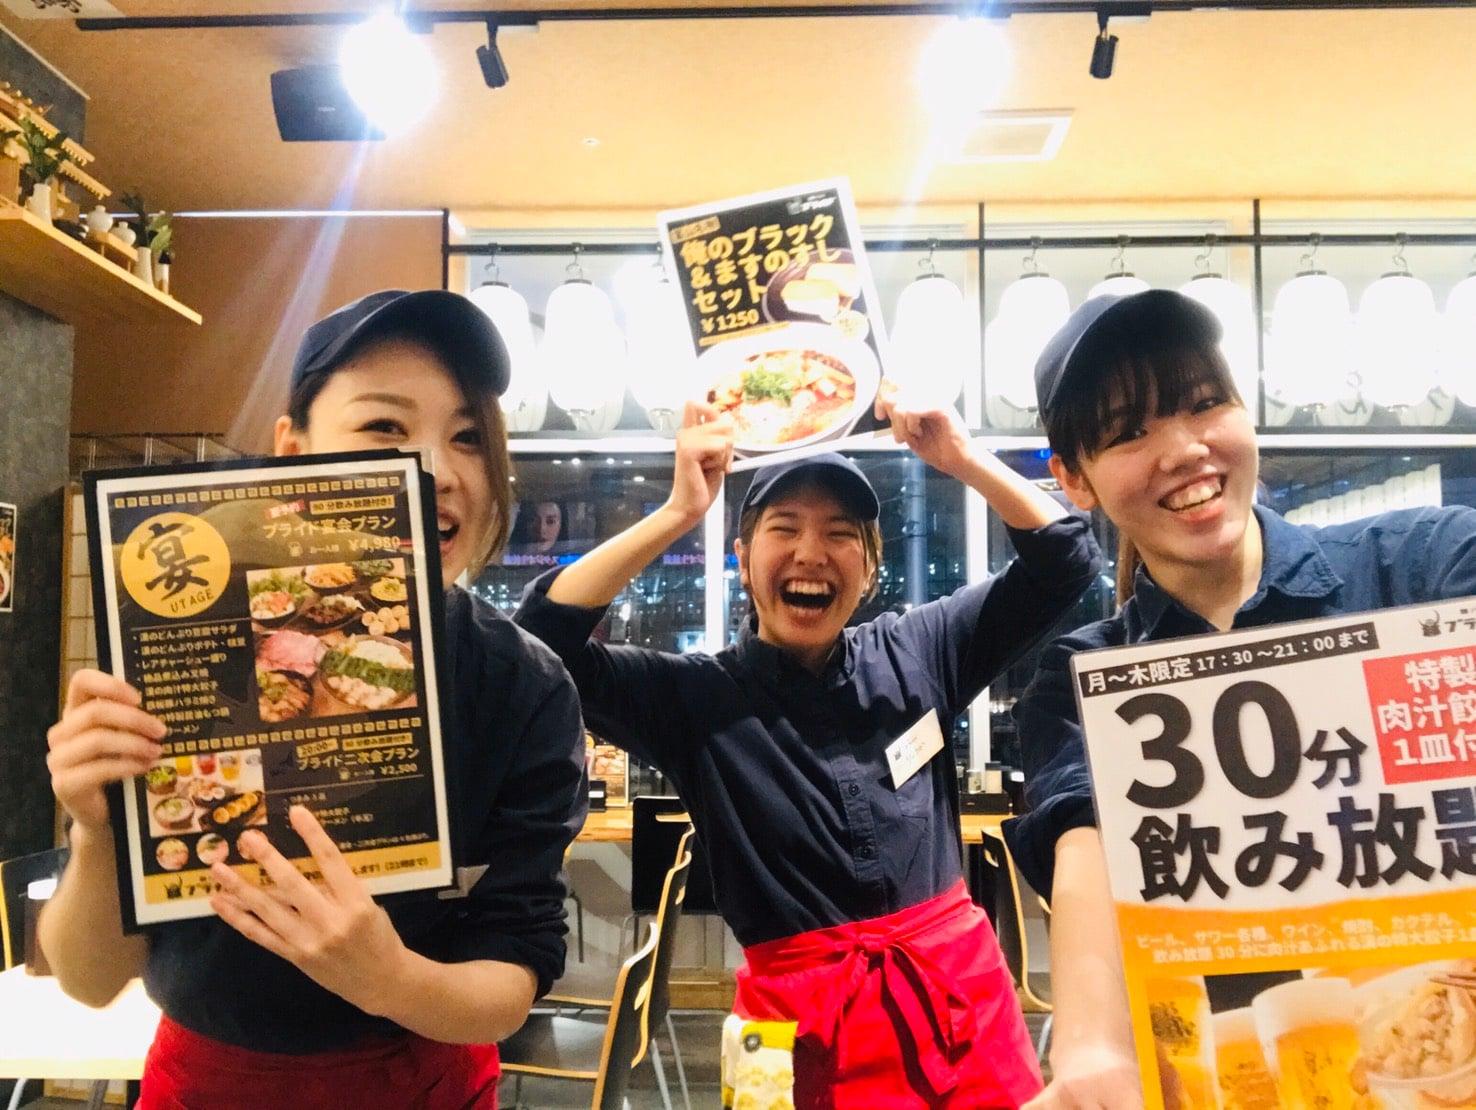 富山を元気に!!一杯入魂・富山 ブラックラーメン|麺バル・プライド|